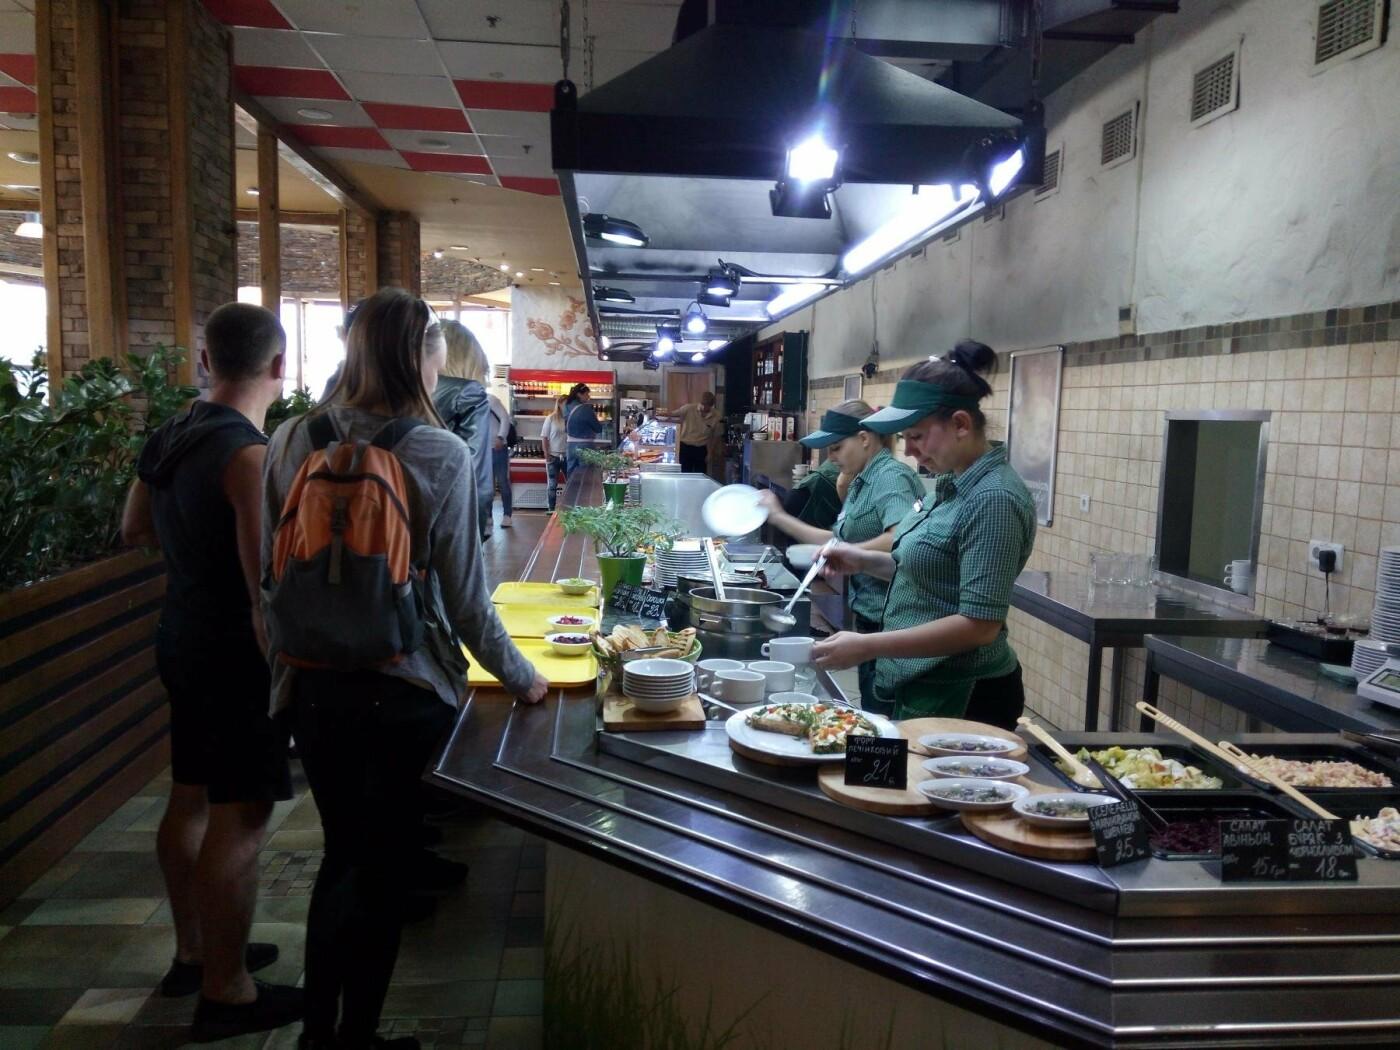 """Грязно и холодные блюда, но дешево: проверили ресторан """"Дрова"""" на Привокзальной, фото-16"""